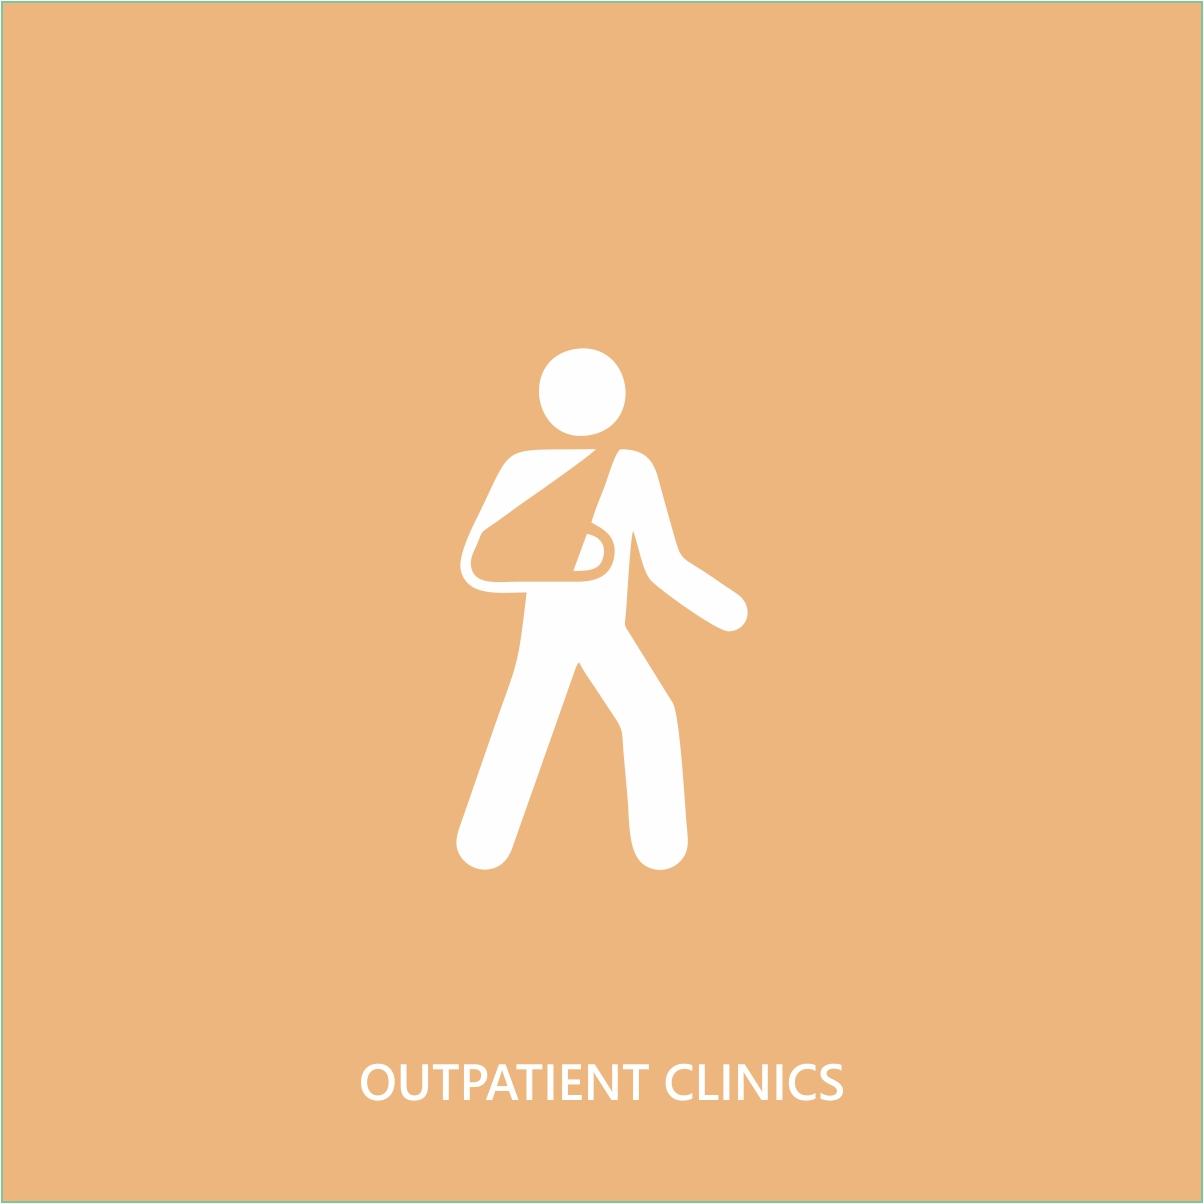 OUTPATIENT CLINICS Image